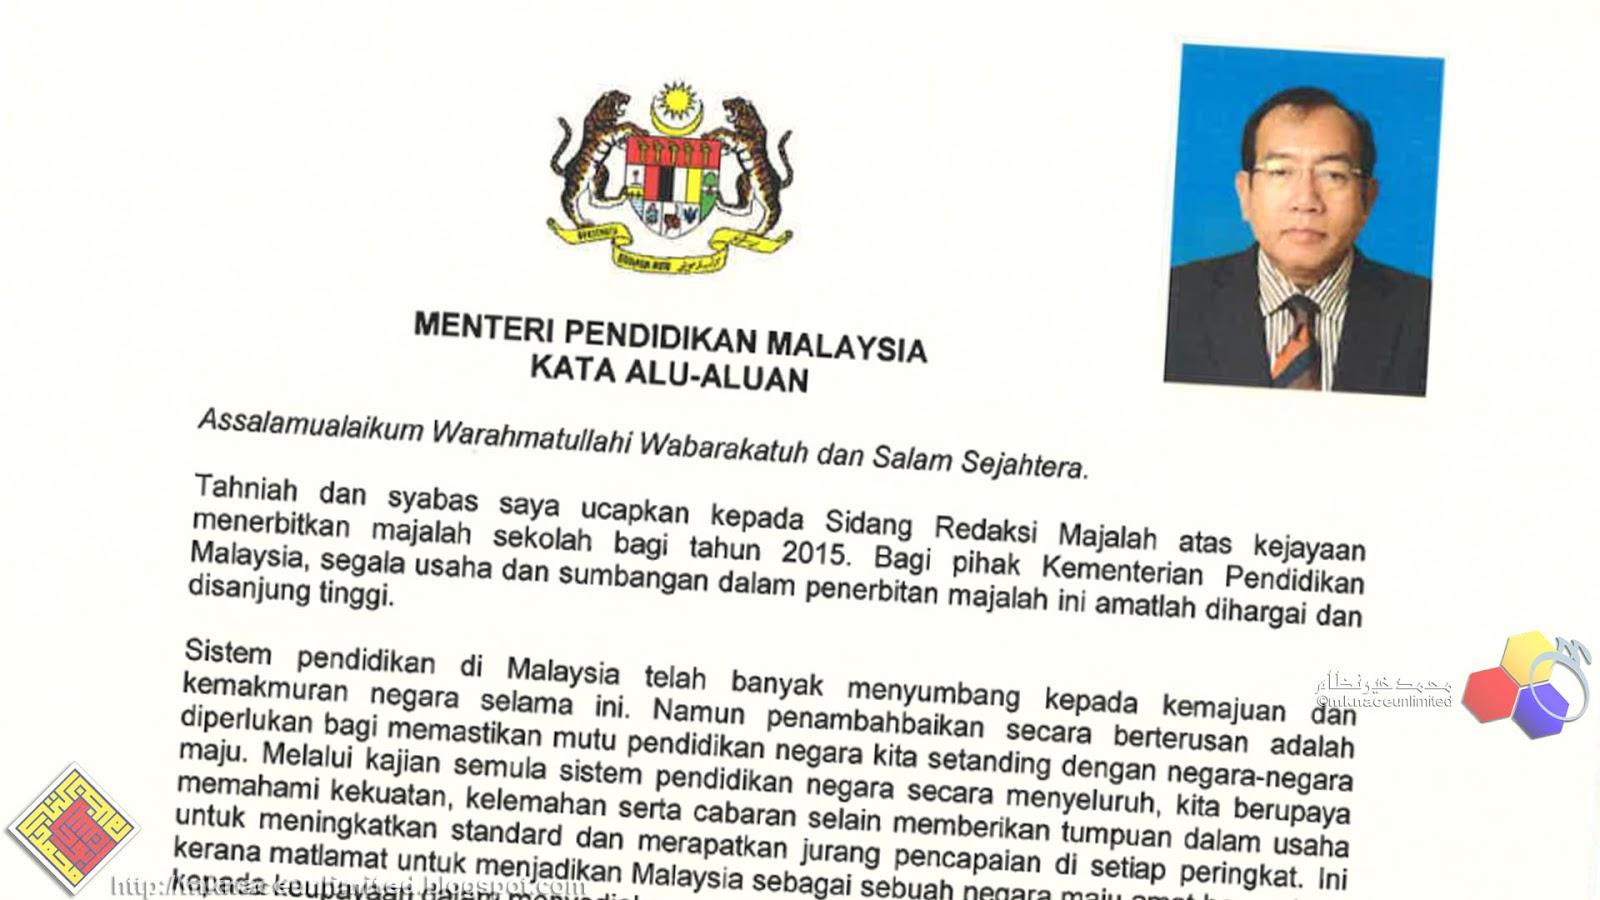 Kata Alu Aluan Majalah Sekolah Oleh Menteri Pendidikan Malaysia